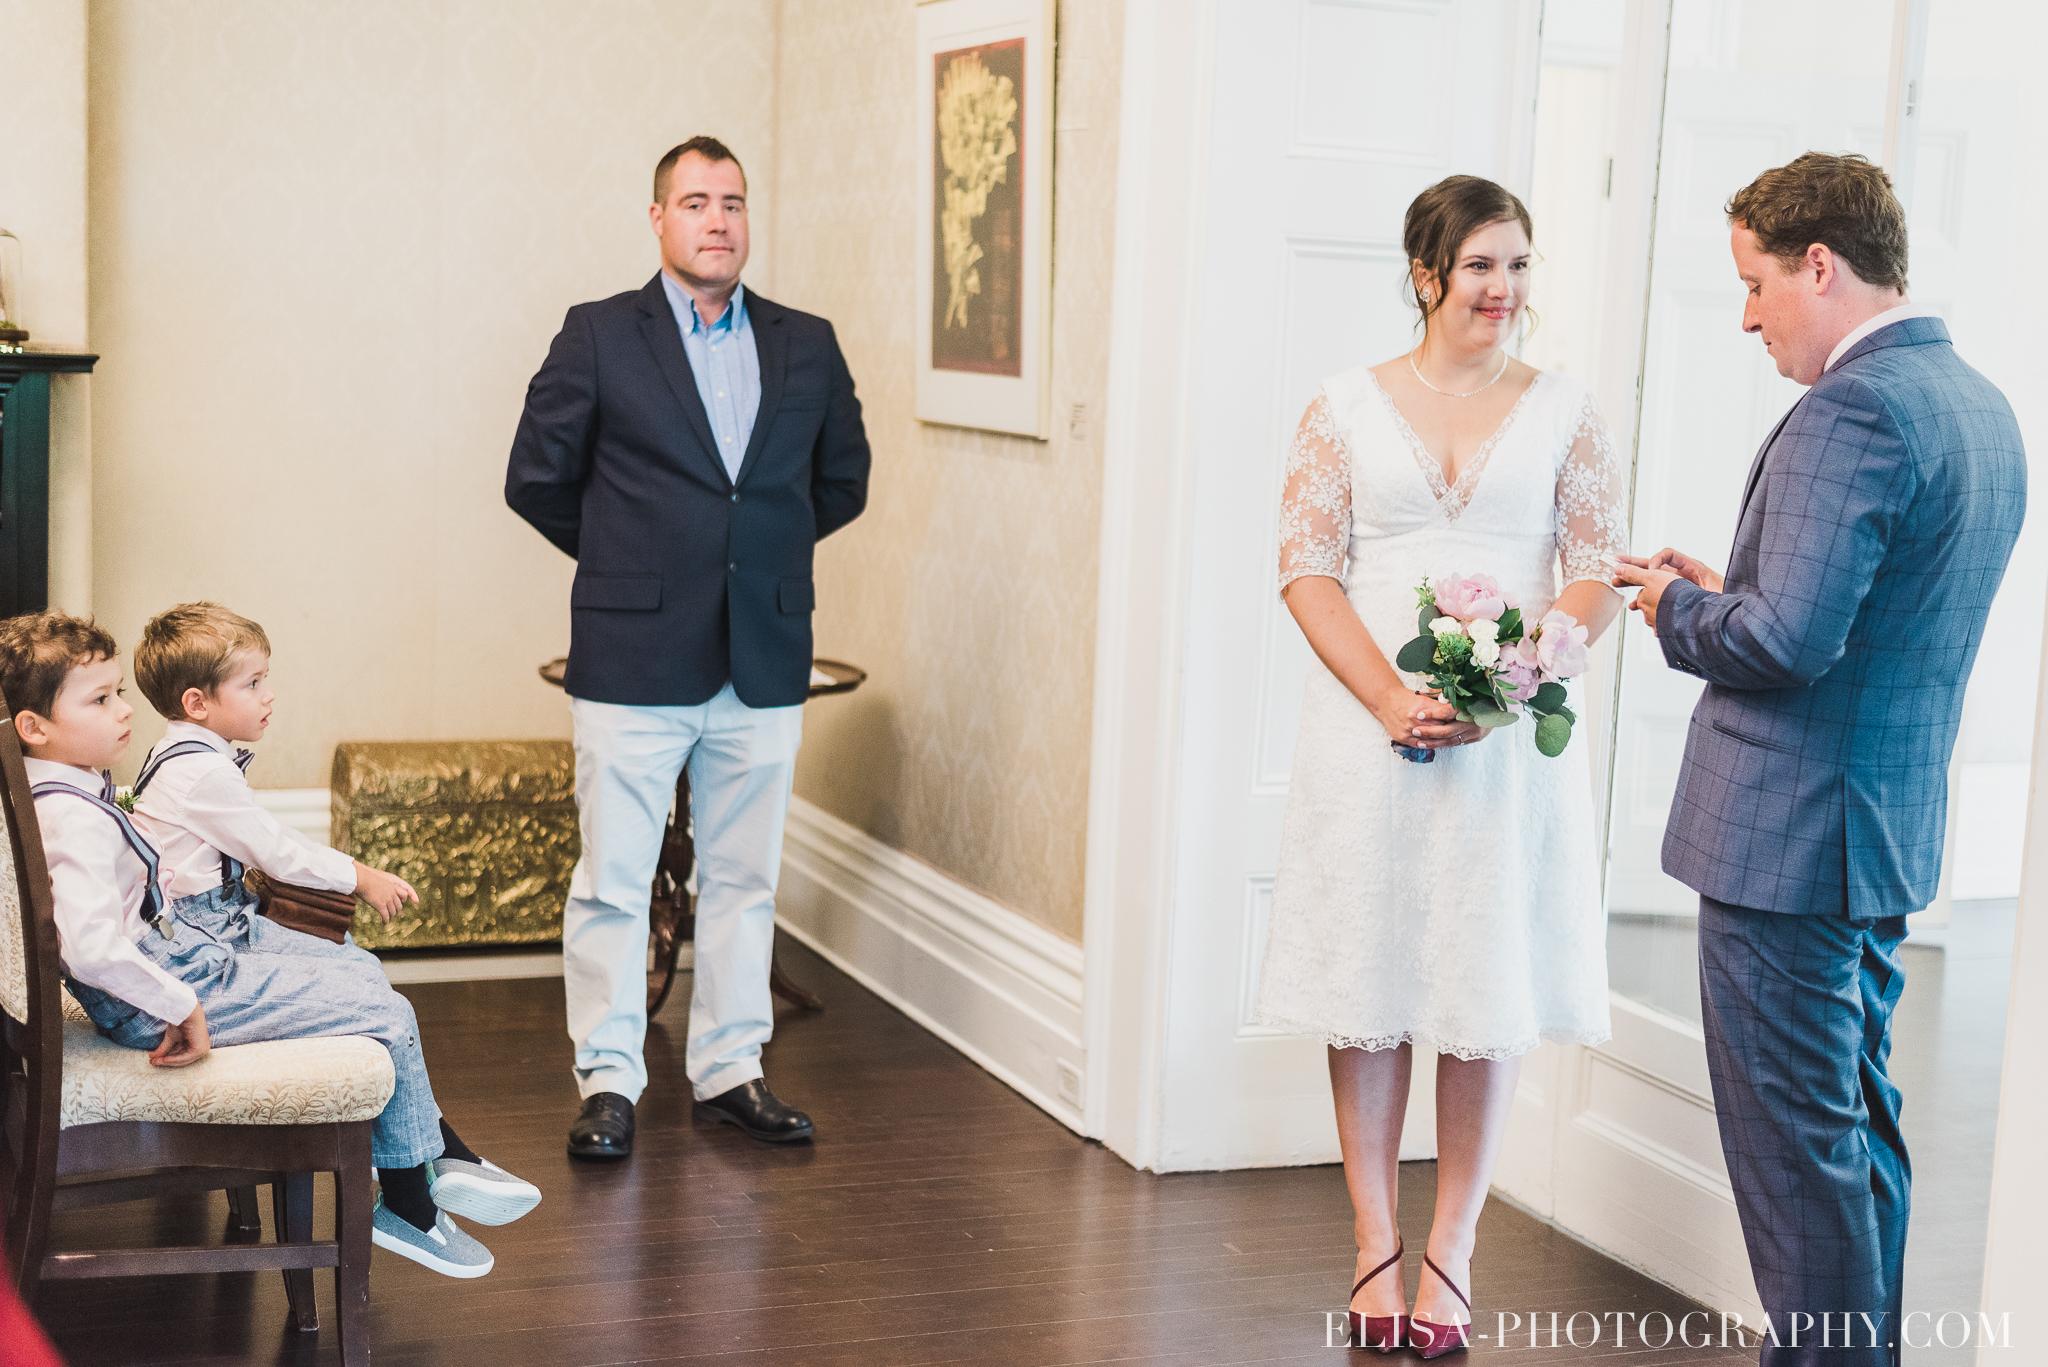 photo mariage domaine cataraqui wedding echange bagues voeux salle ceremonie 2281 - Mariage d'inspiration anglaise au domaine Cataraqui